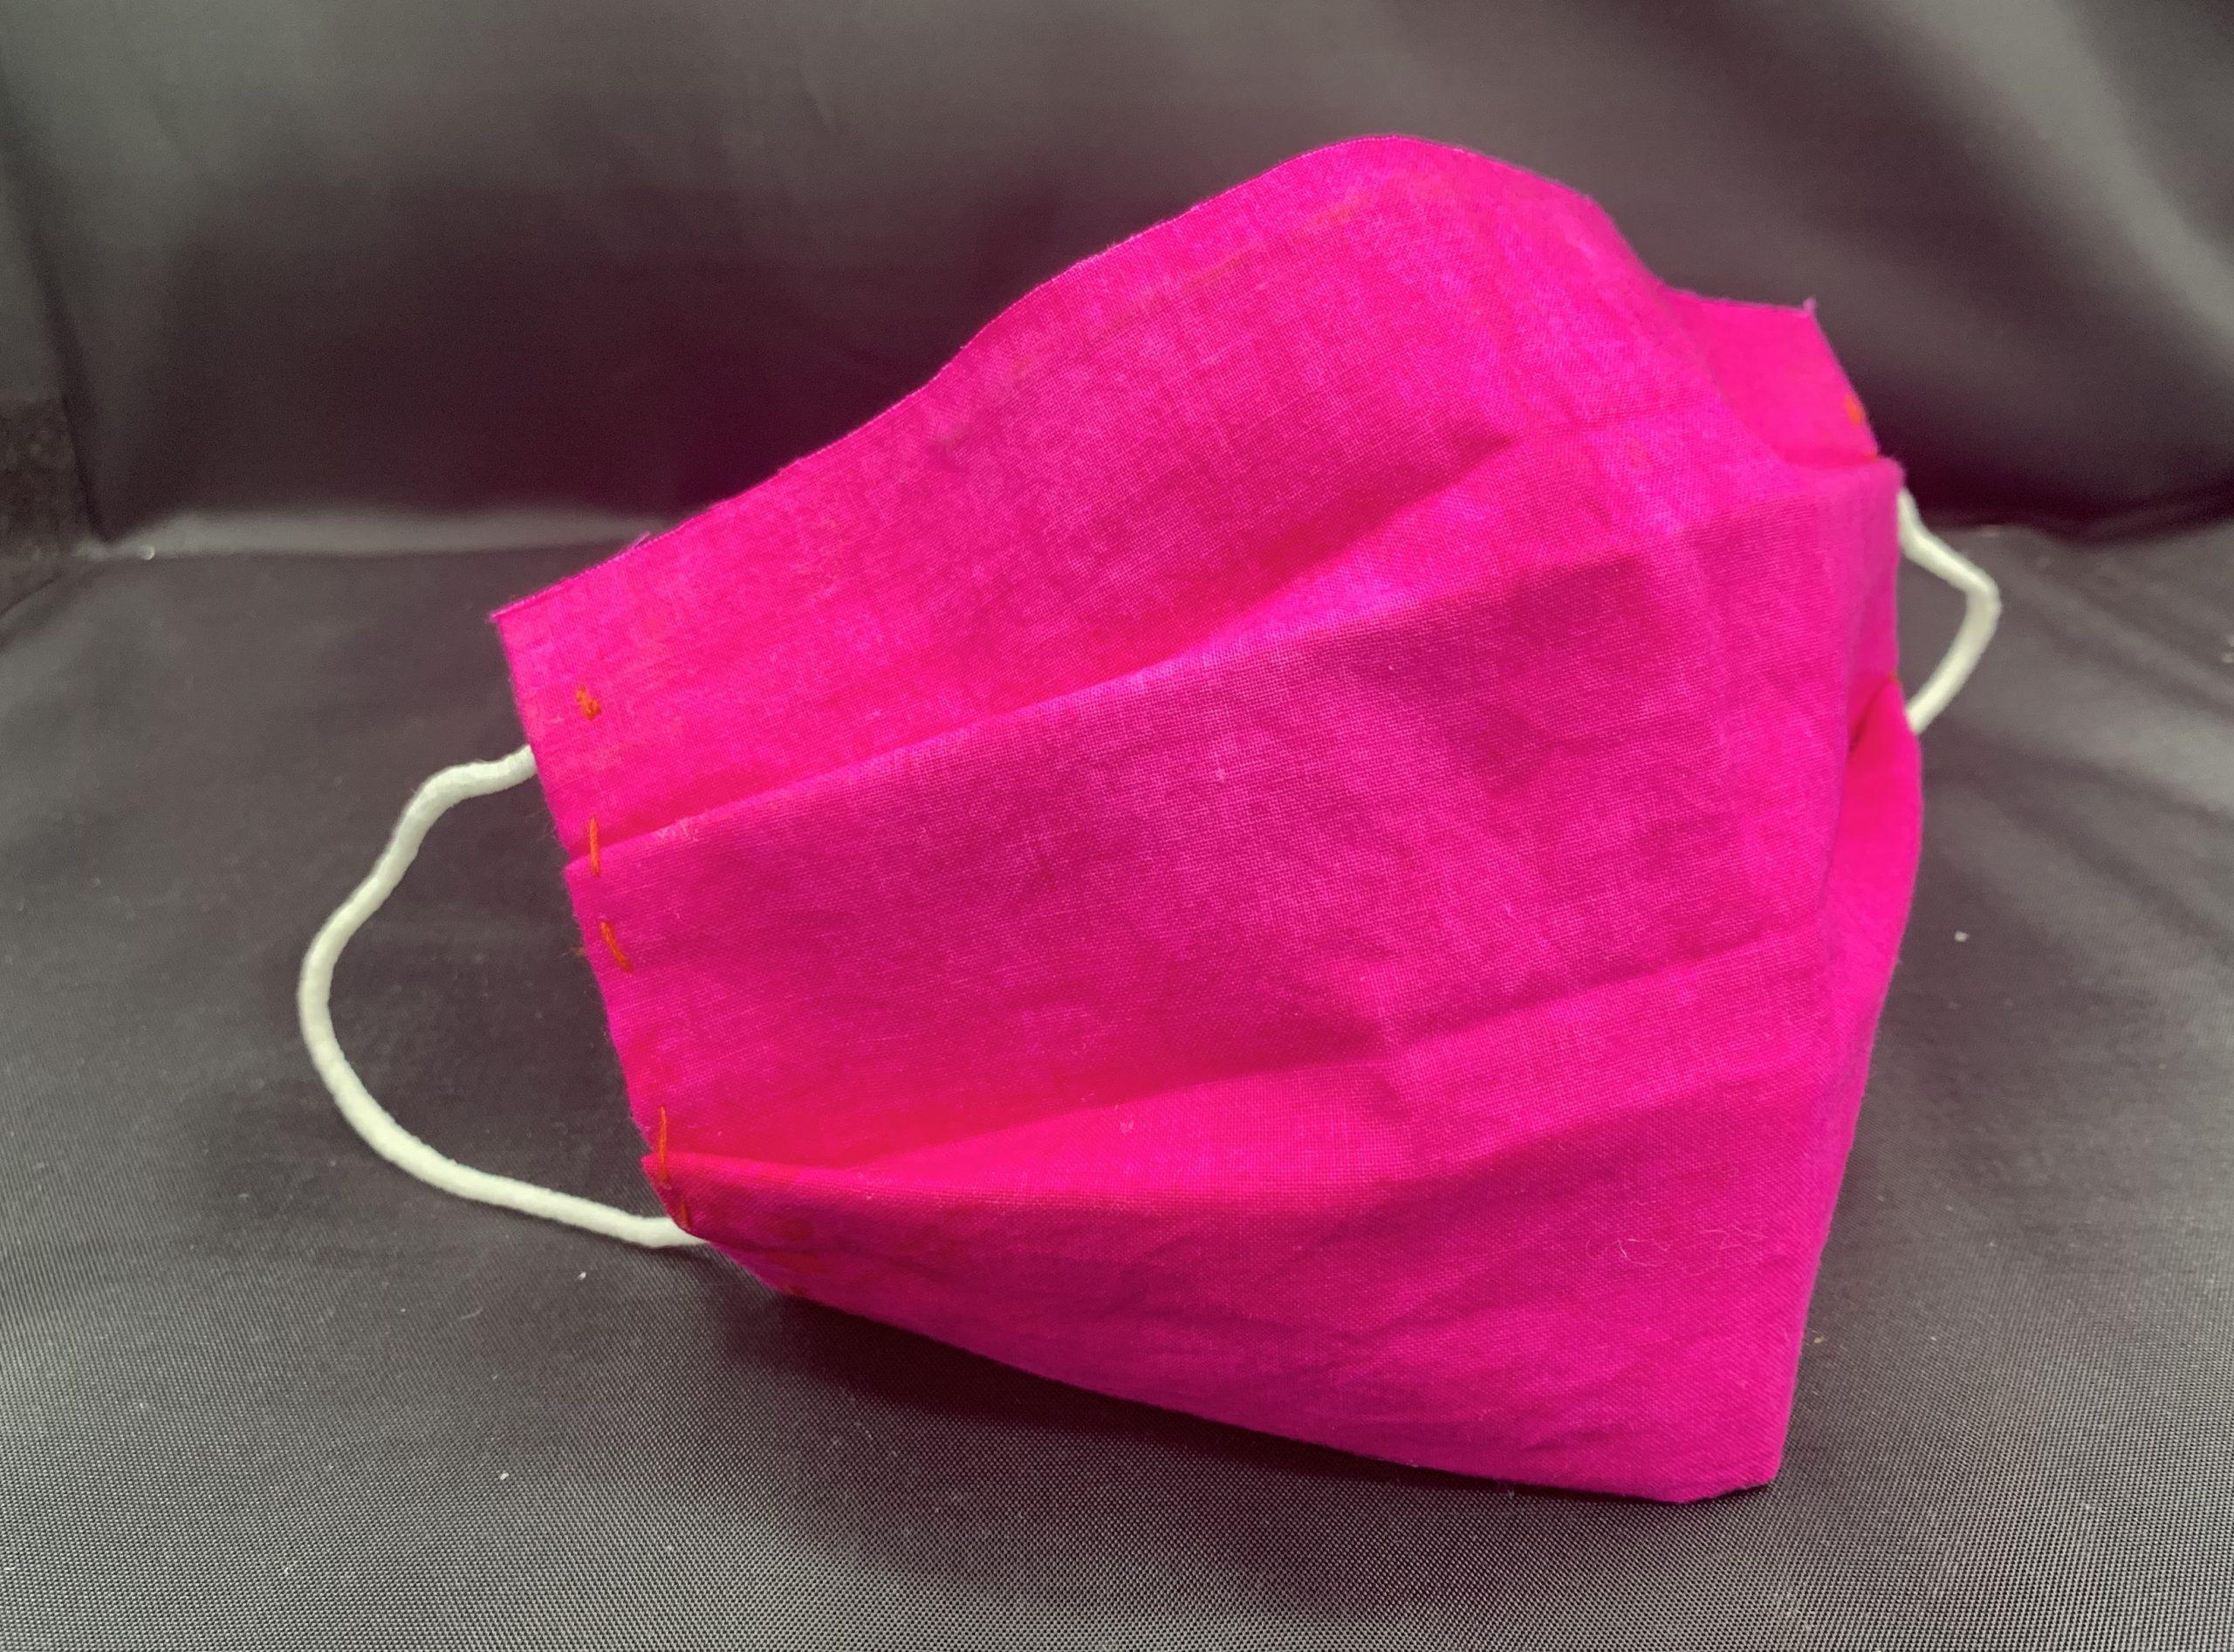 加州大学研究人员研发出特殊棉质织物:日光照射60分钟可杀死表面 99.9999%的病菌